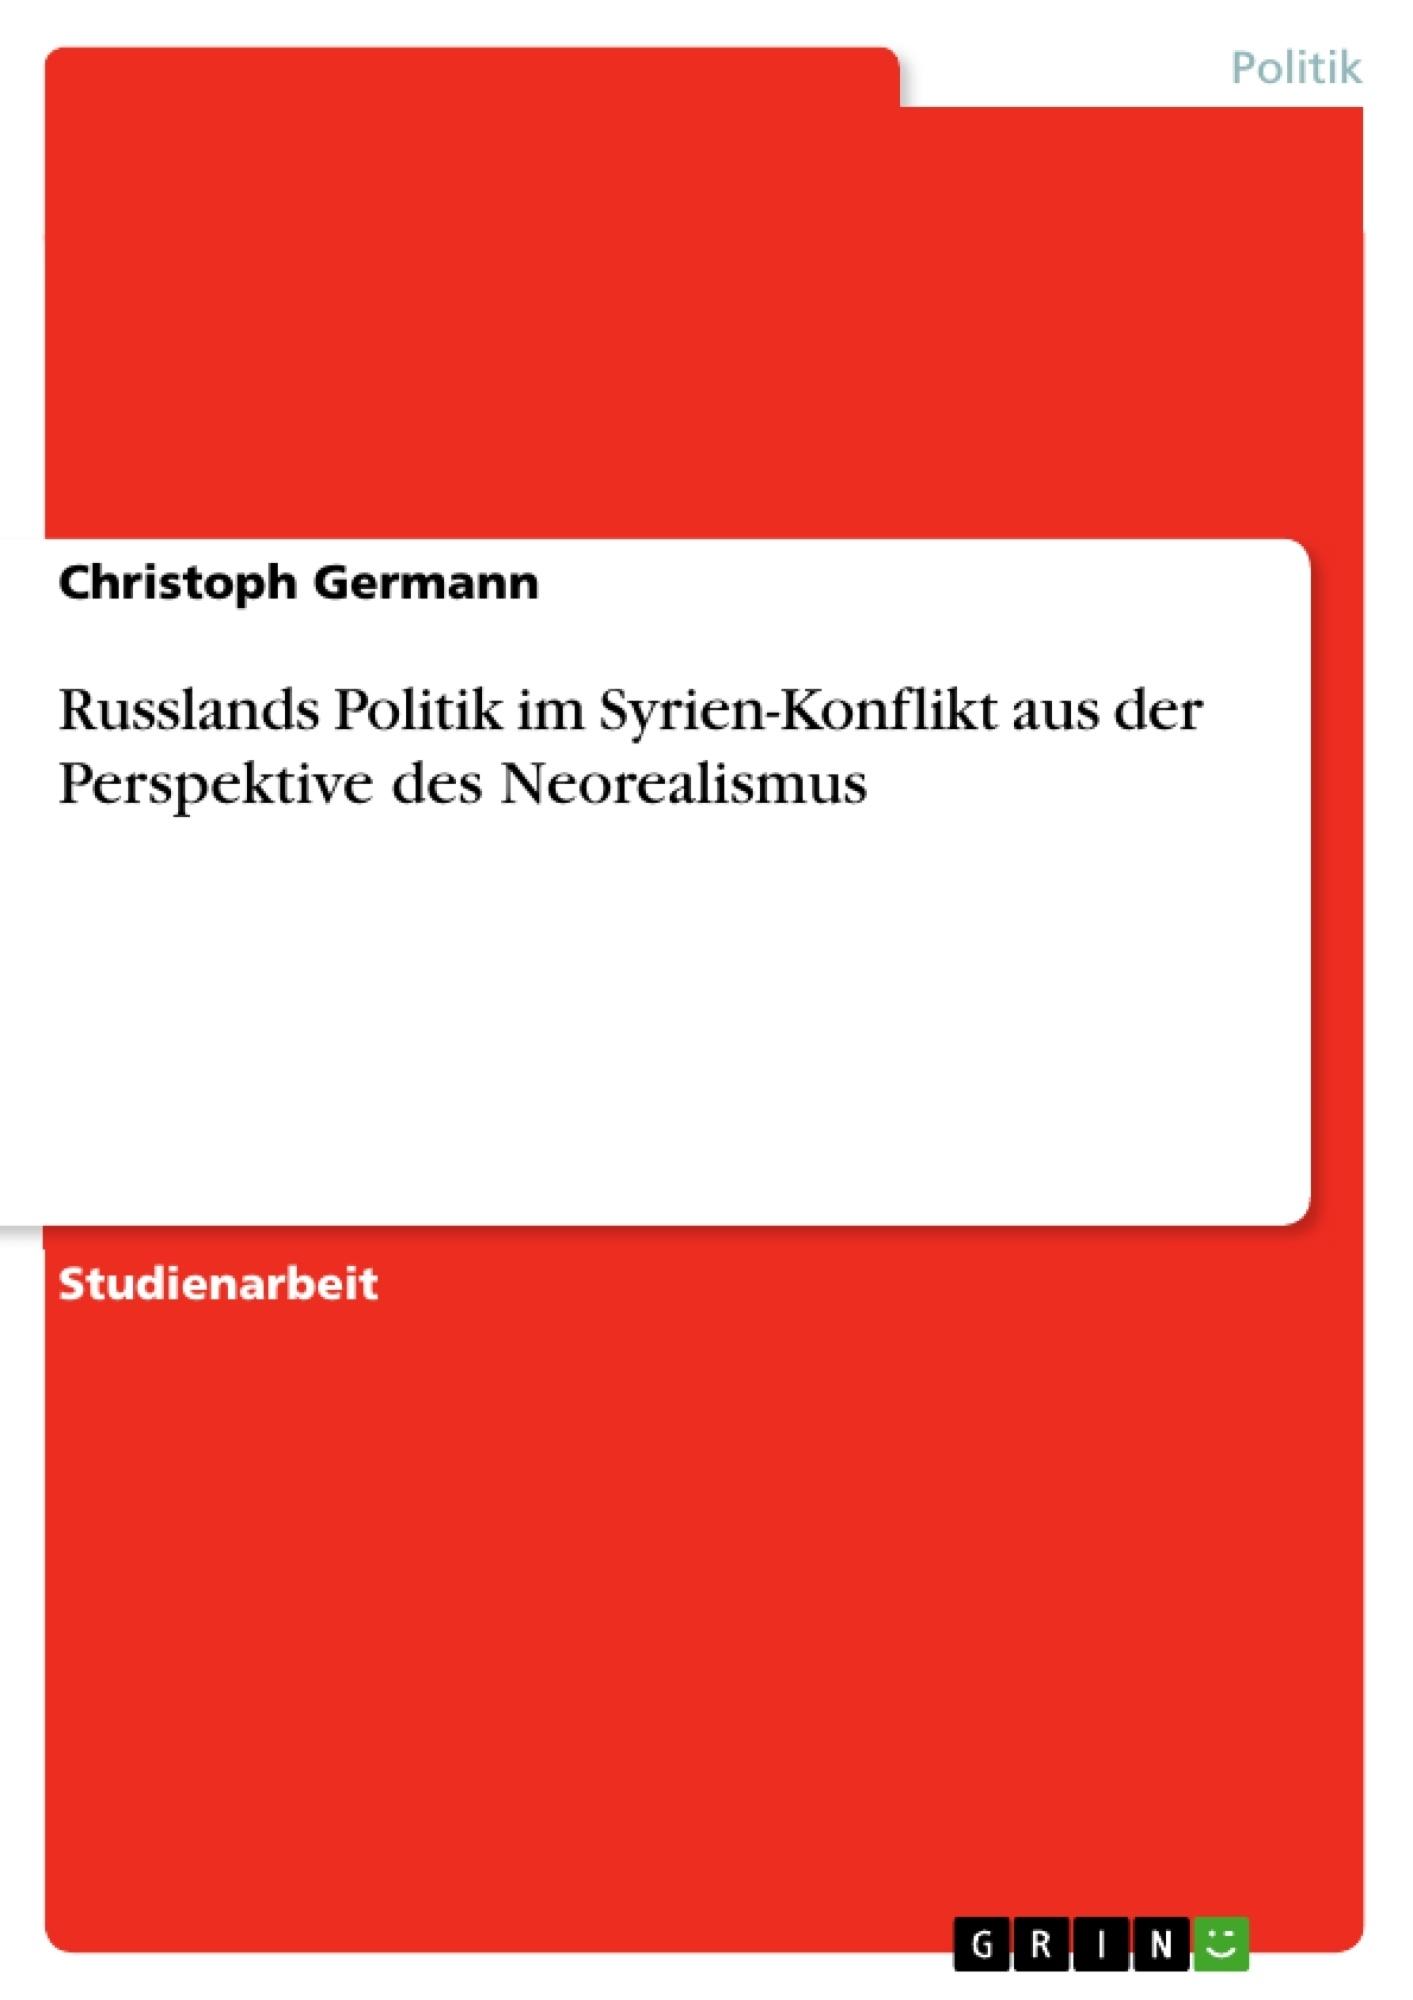 Titel: Russlands Politik im Syrien-Konflikt aus der Perspektive des Neorealismus